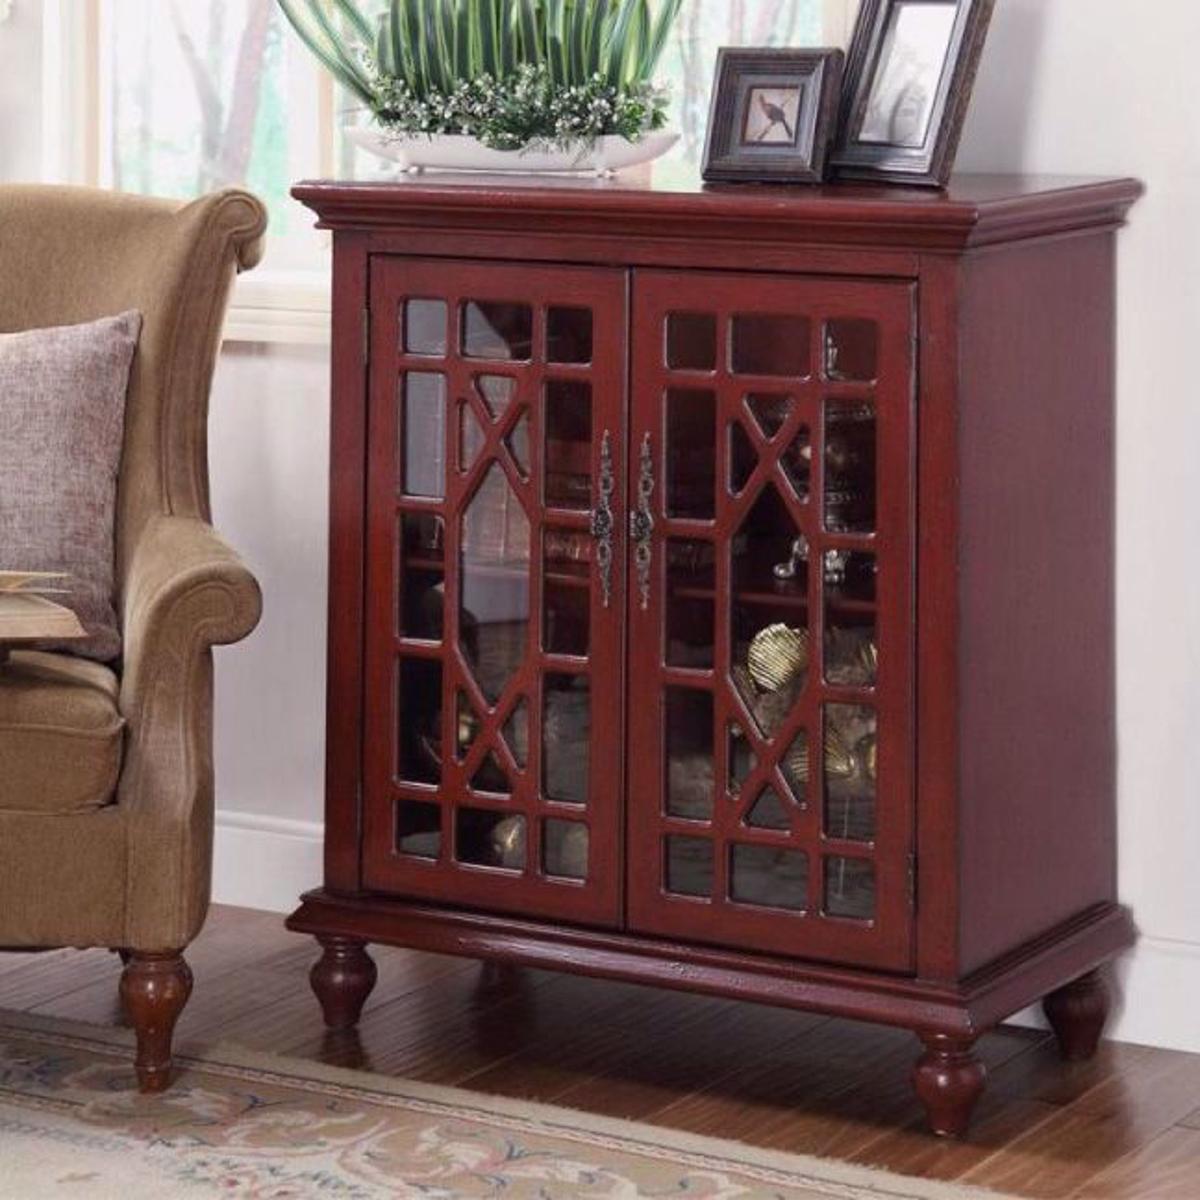 Picture of Esnon Texture Red 2 Door Cabinet